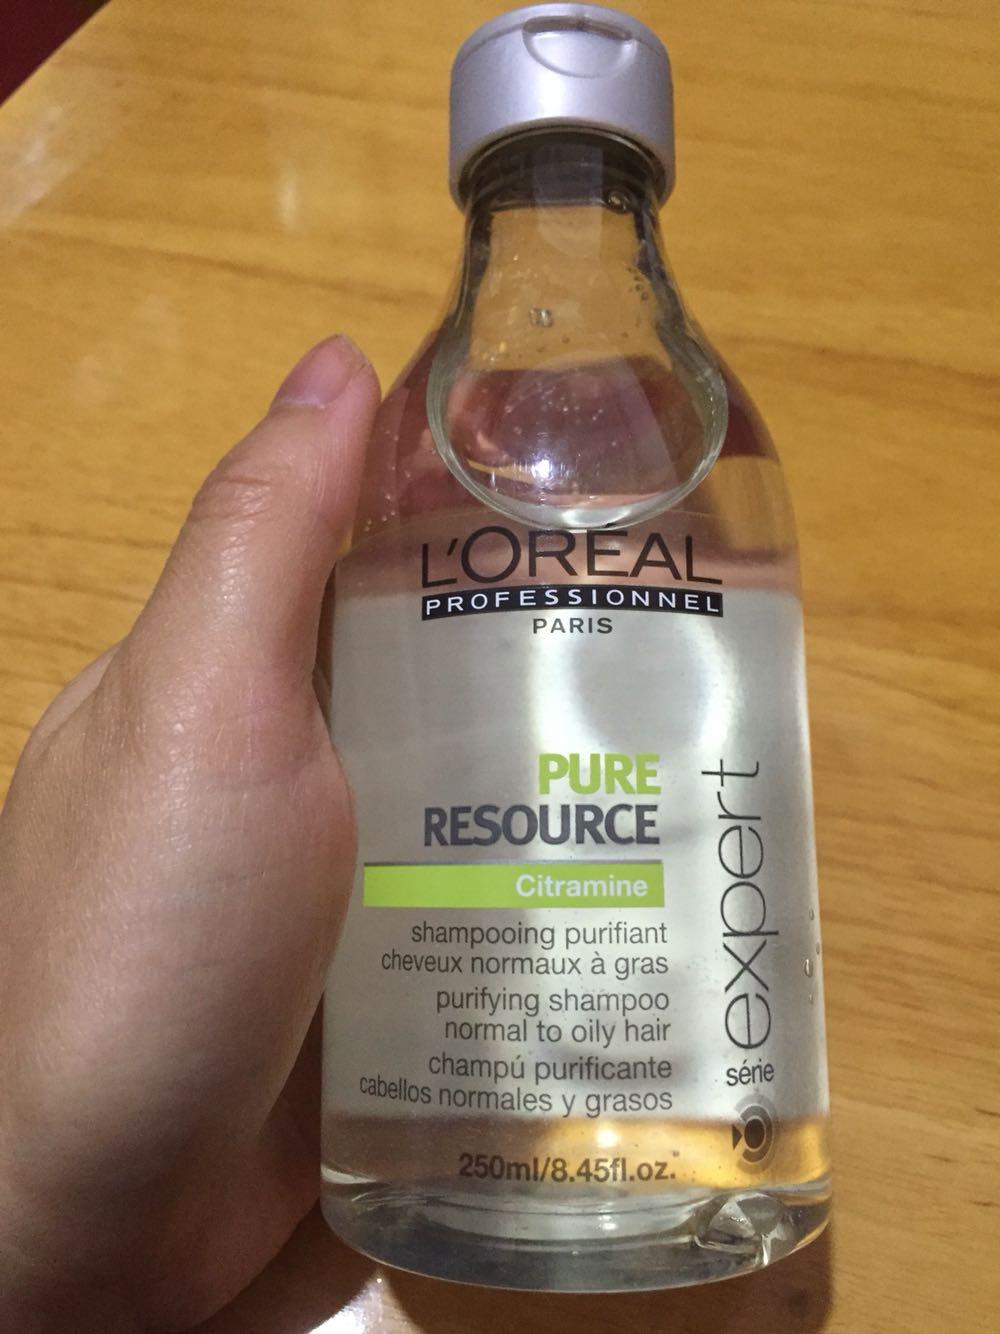 air jordan spizikes 2012 00219078 forsale